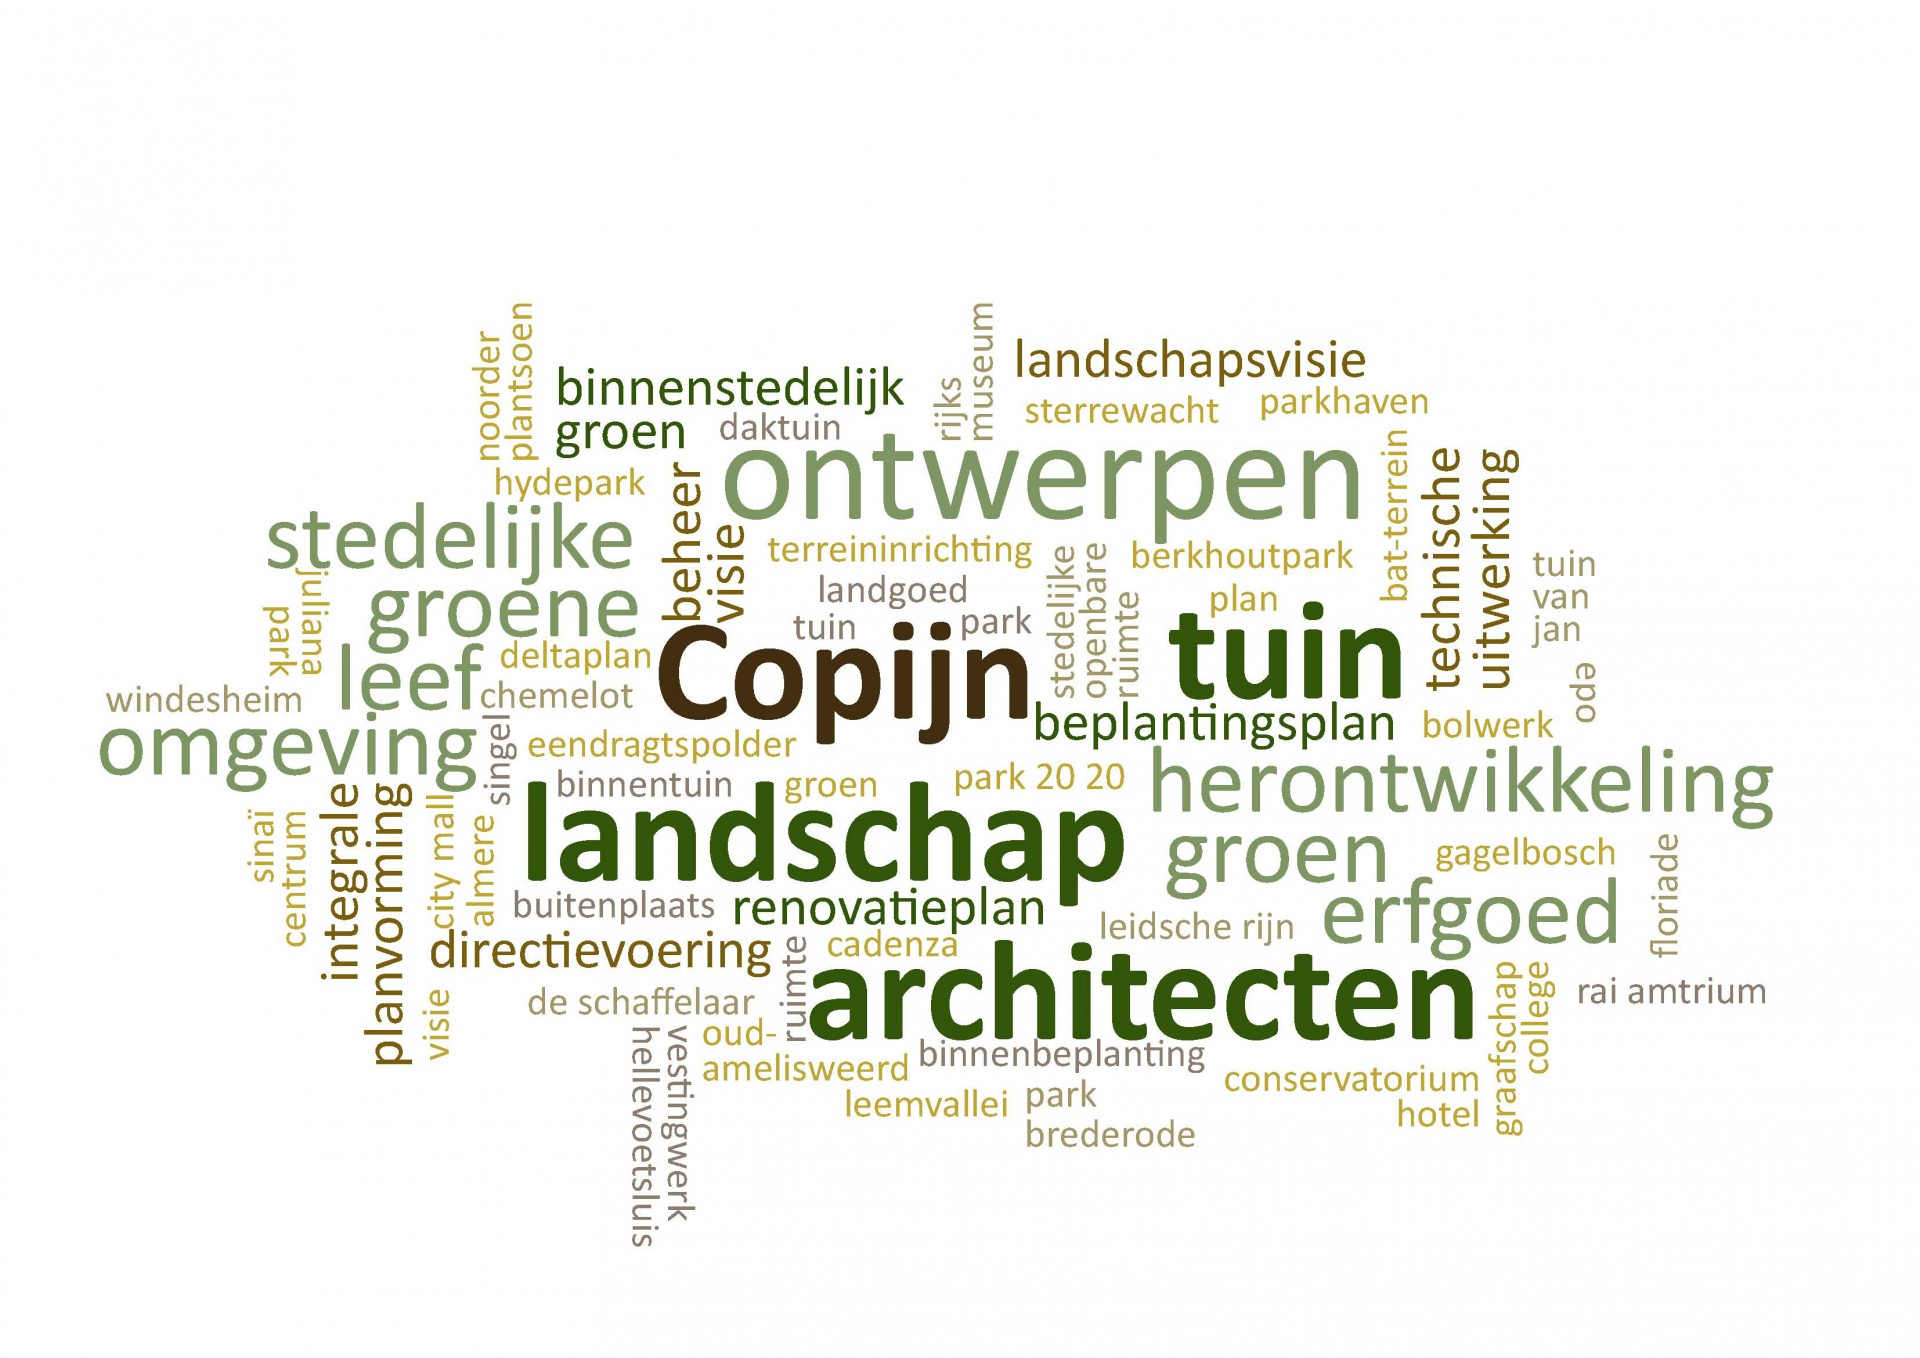 Copijn Tuin- en Landschapsarchitecten ontwerpt nieuwe en bestaande landschappen. Wij maken plannen voor een herkenbare, gezonde en groene leefomgeving. Onze ideeën en ontwerpconcepten zijn geworteld in een lange traditie van vakmanschap, kennis en innovatie en bieden creatieve oplossingen voor actuele vraagstukken.